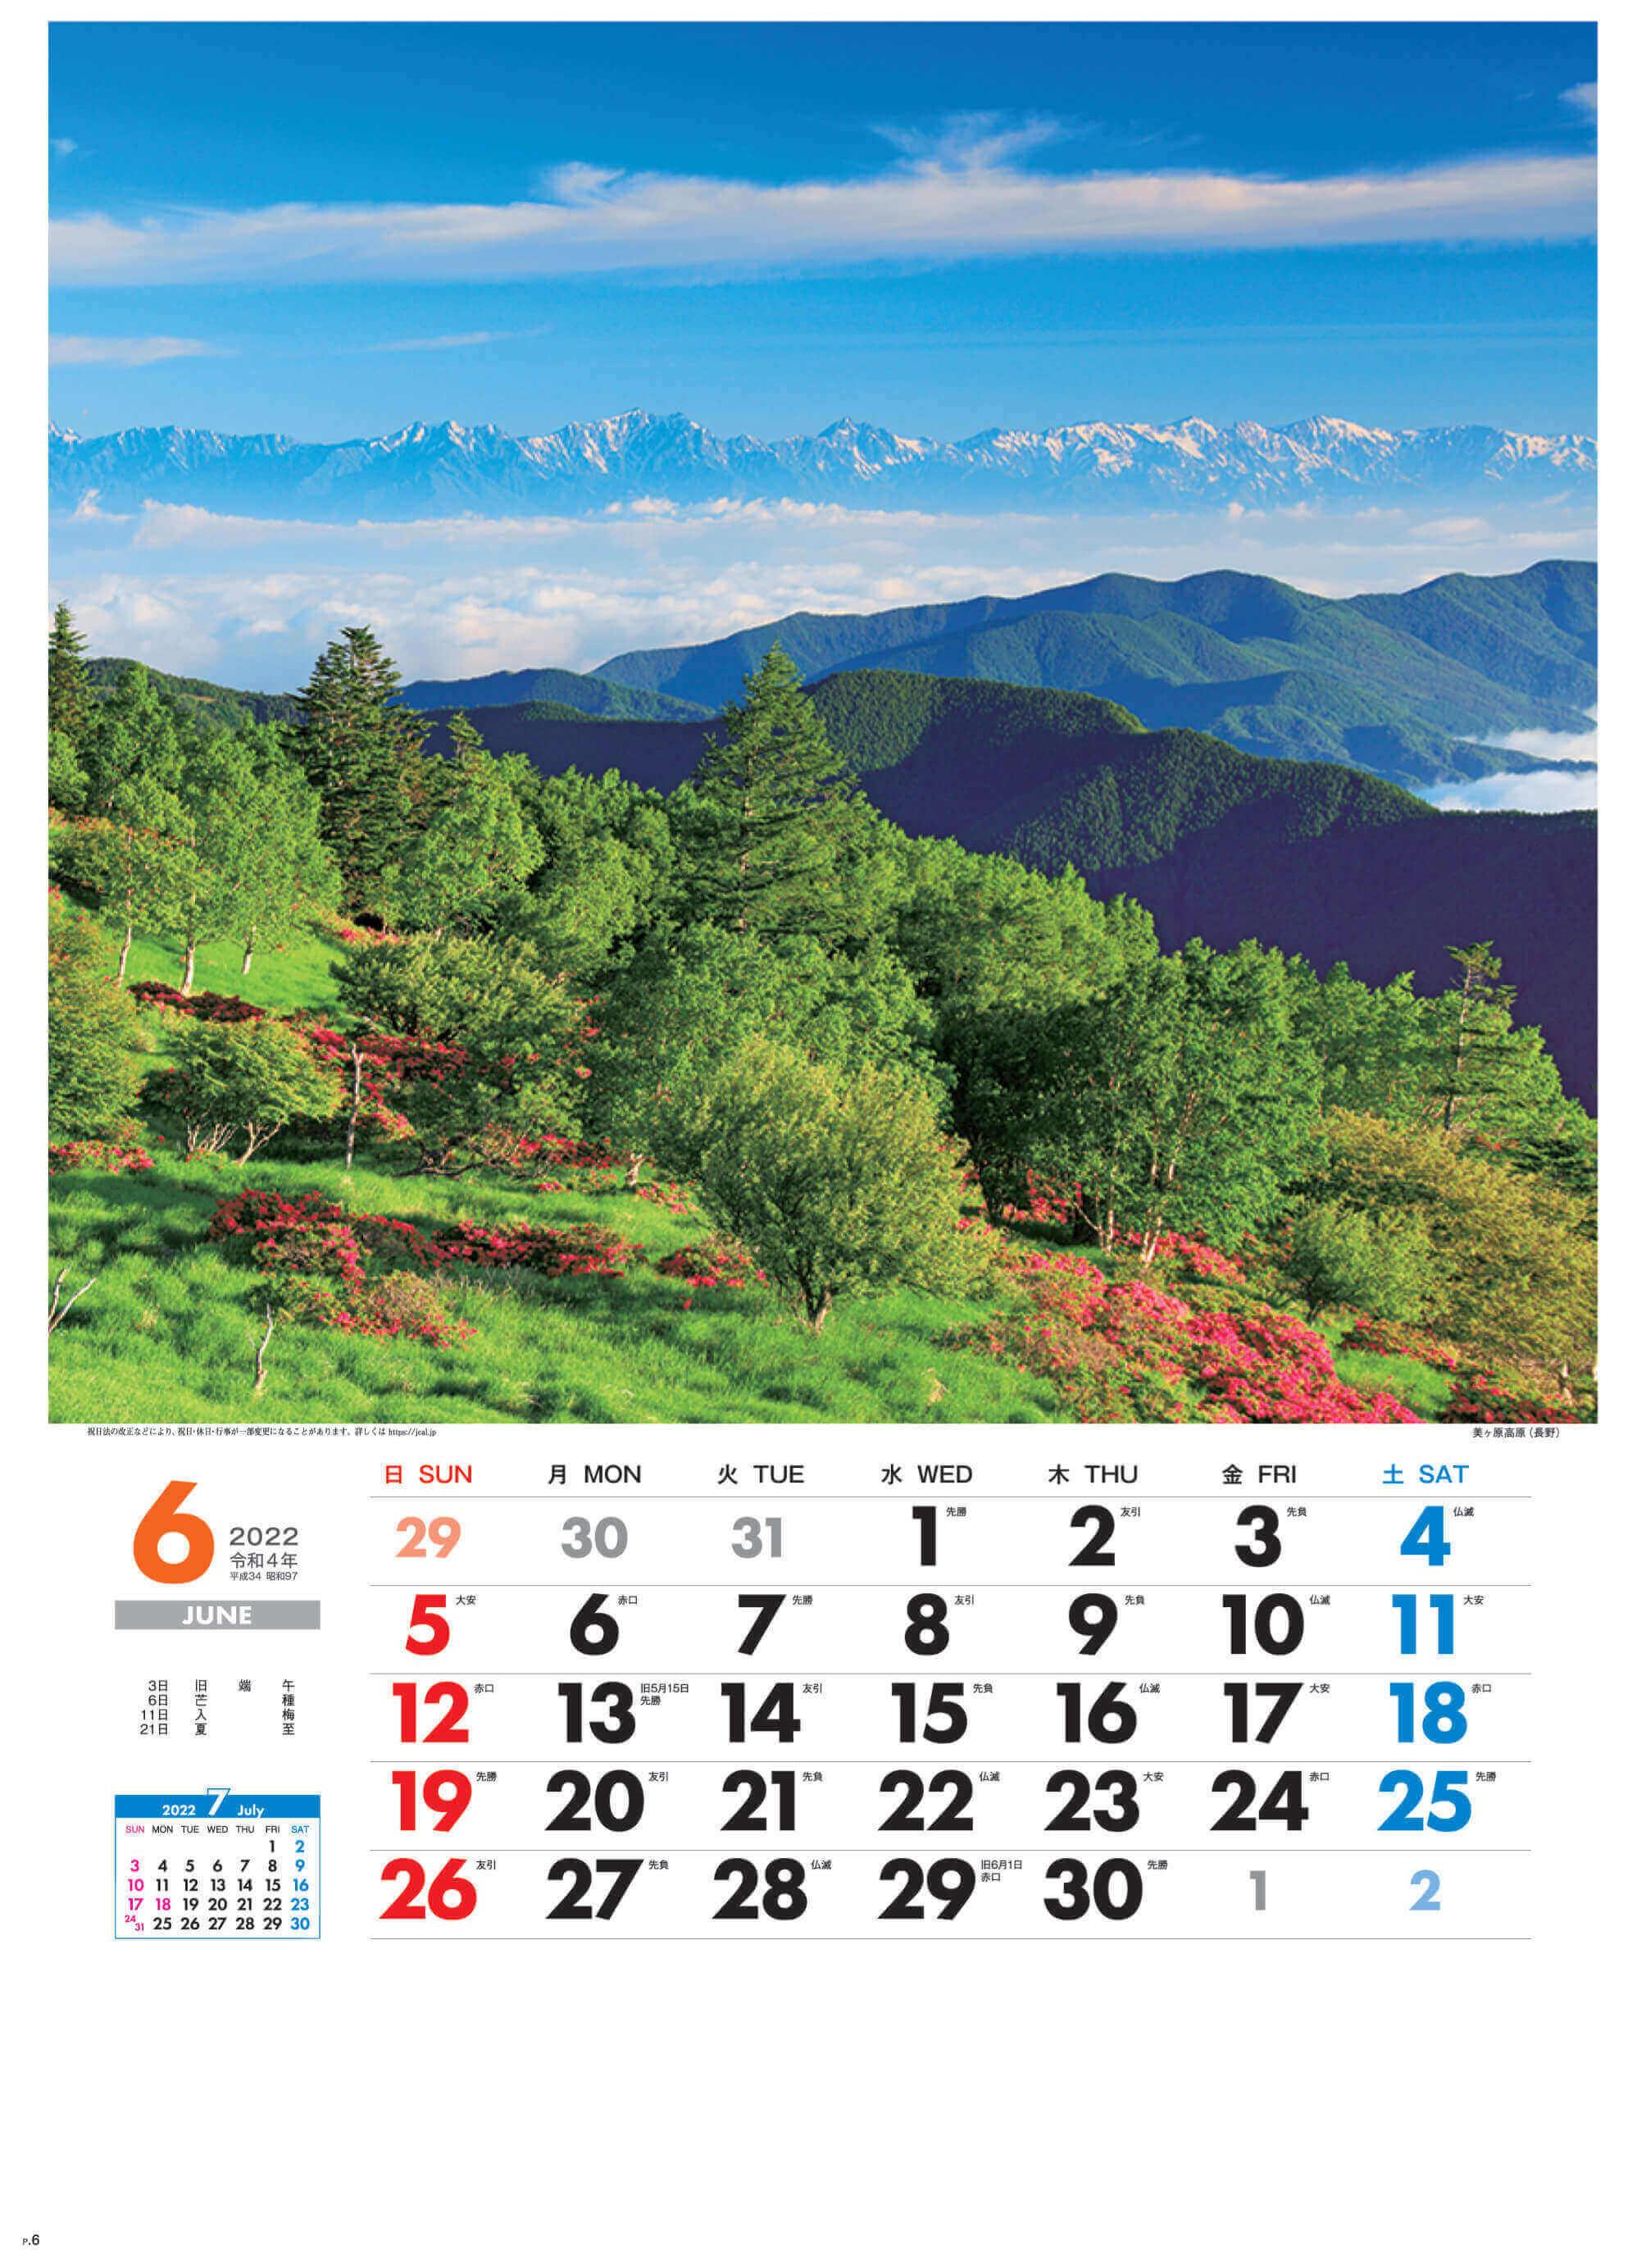 6月 美ヶ原高原(長野) 美しき日本 2022年カレンダーの画像